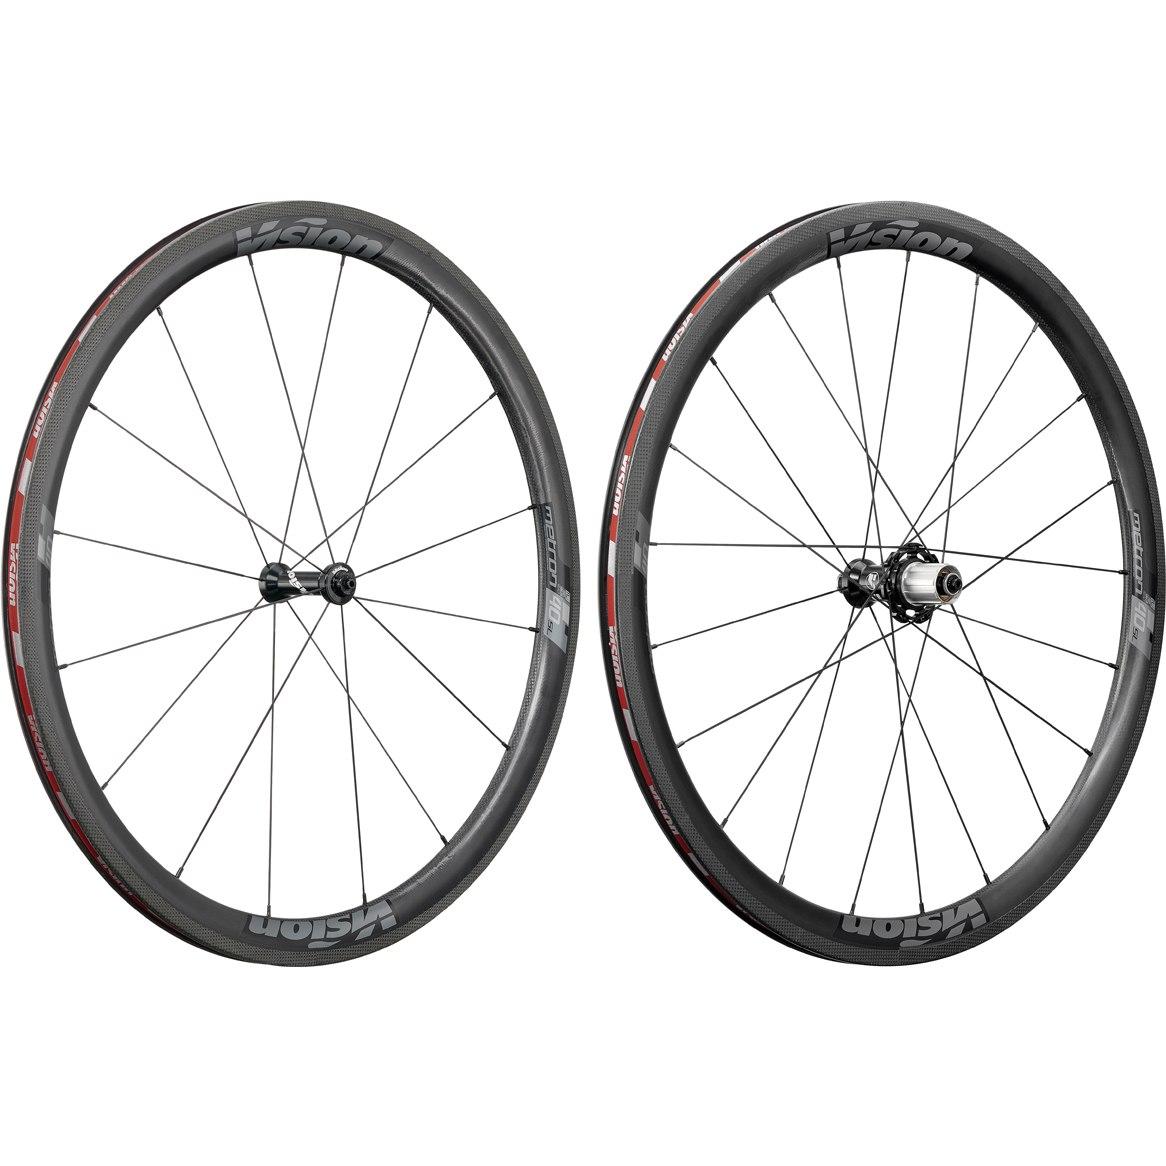 Vision Metron 40 SL Carbon Laufradsatz - Tubeless Ready - Drahtreifen - Shimano HG